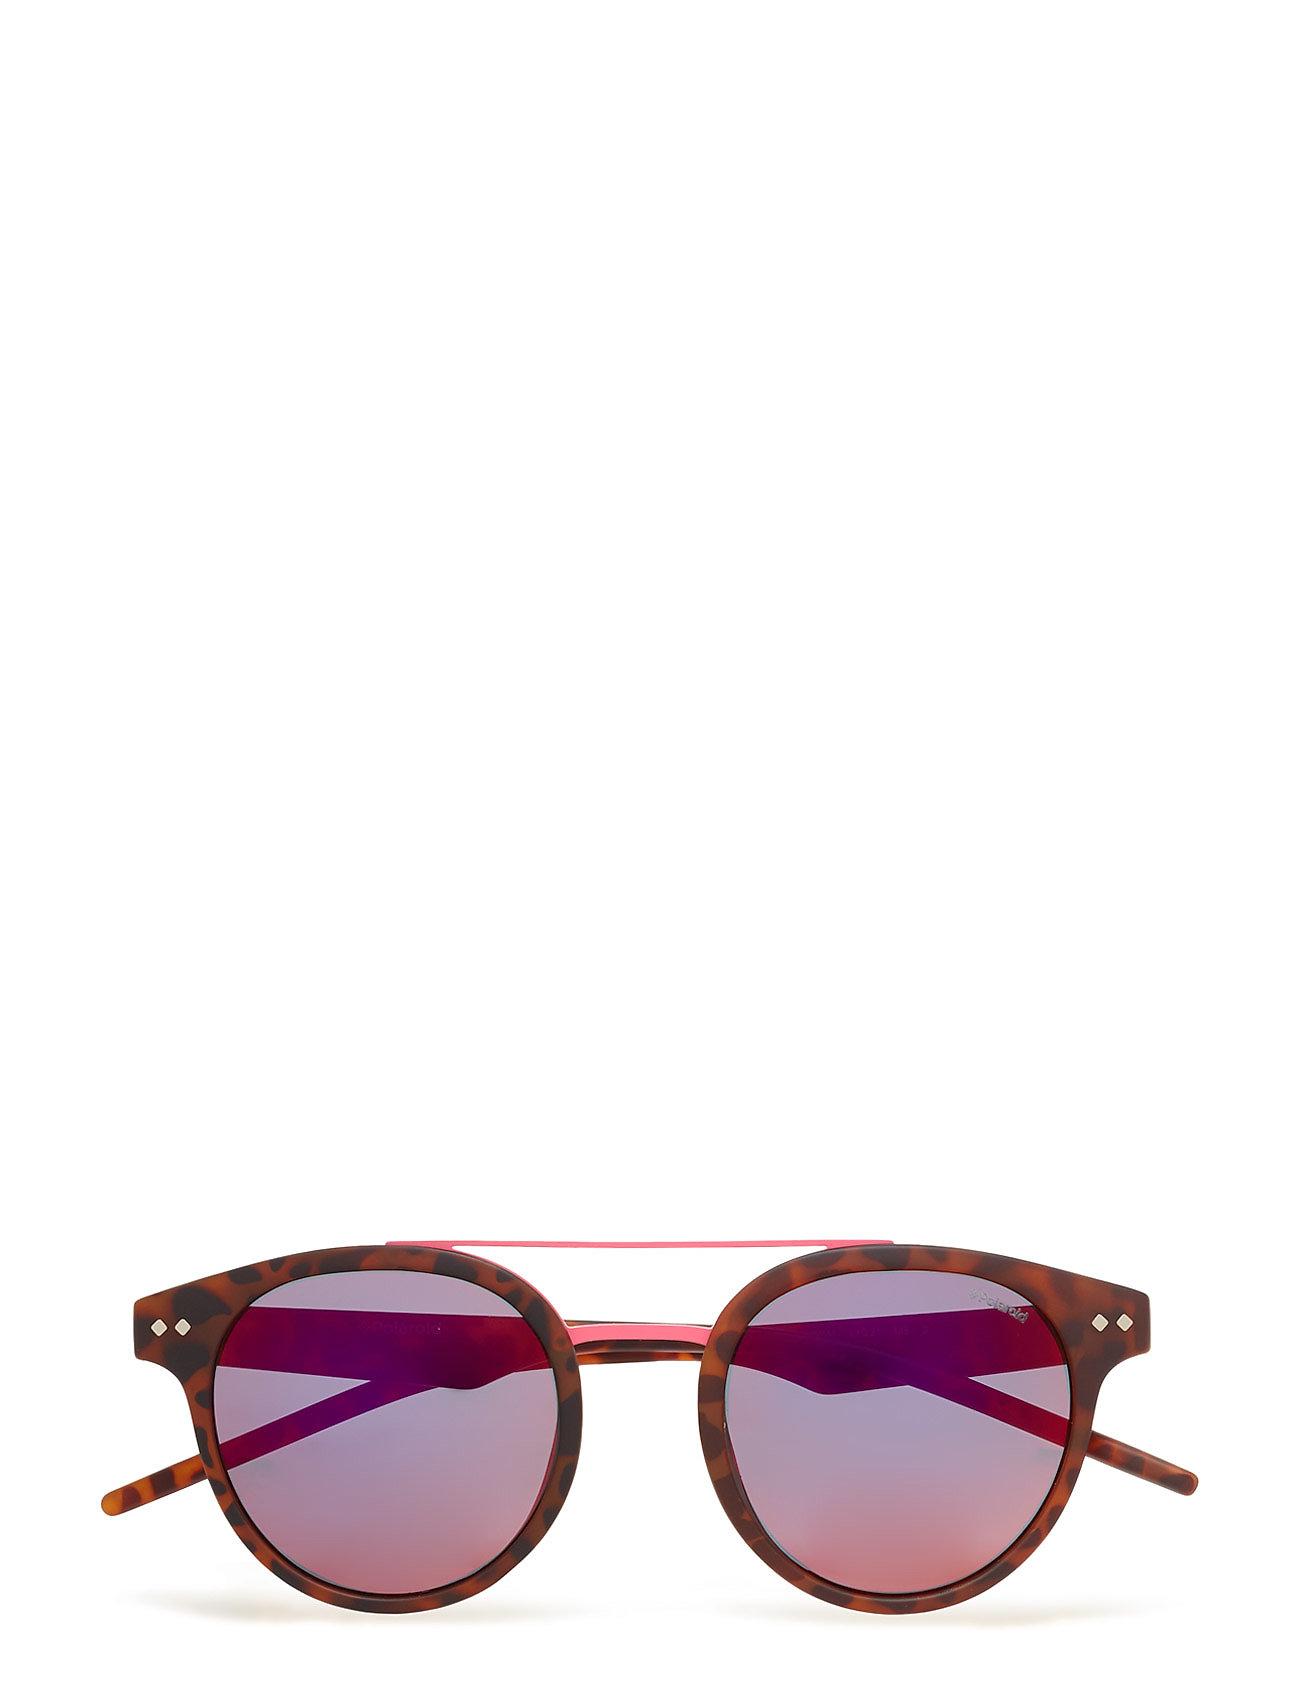 Pld 6031/S Polaroid Solbriller til Herrer i Brun